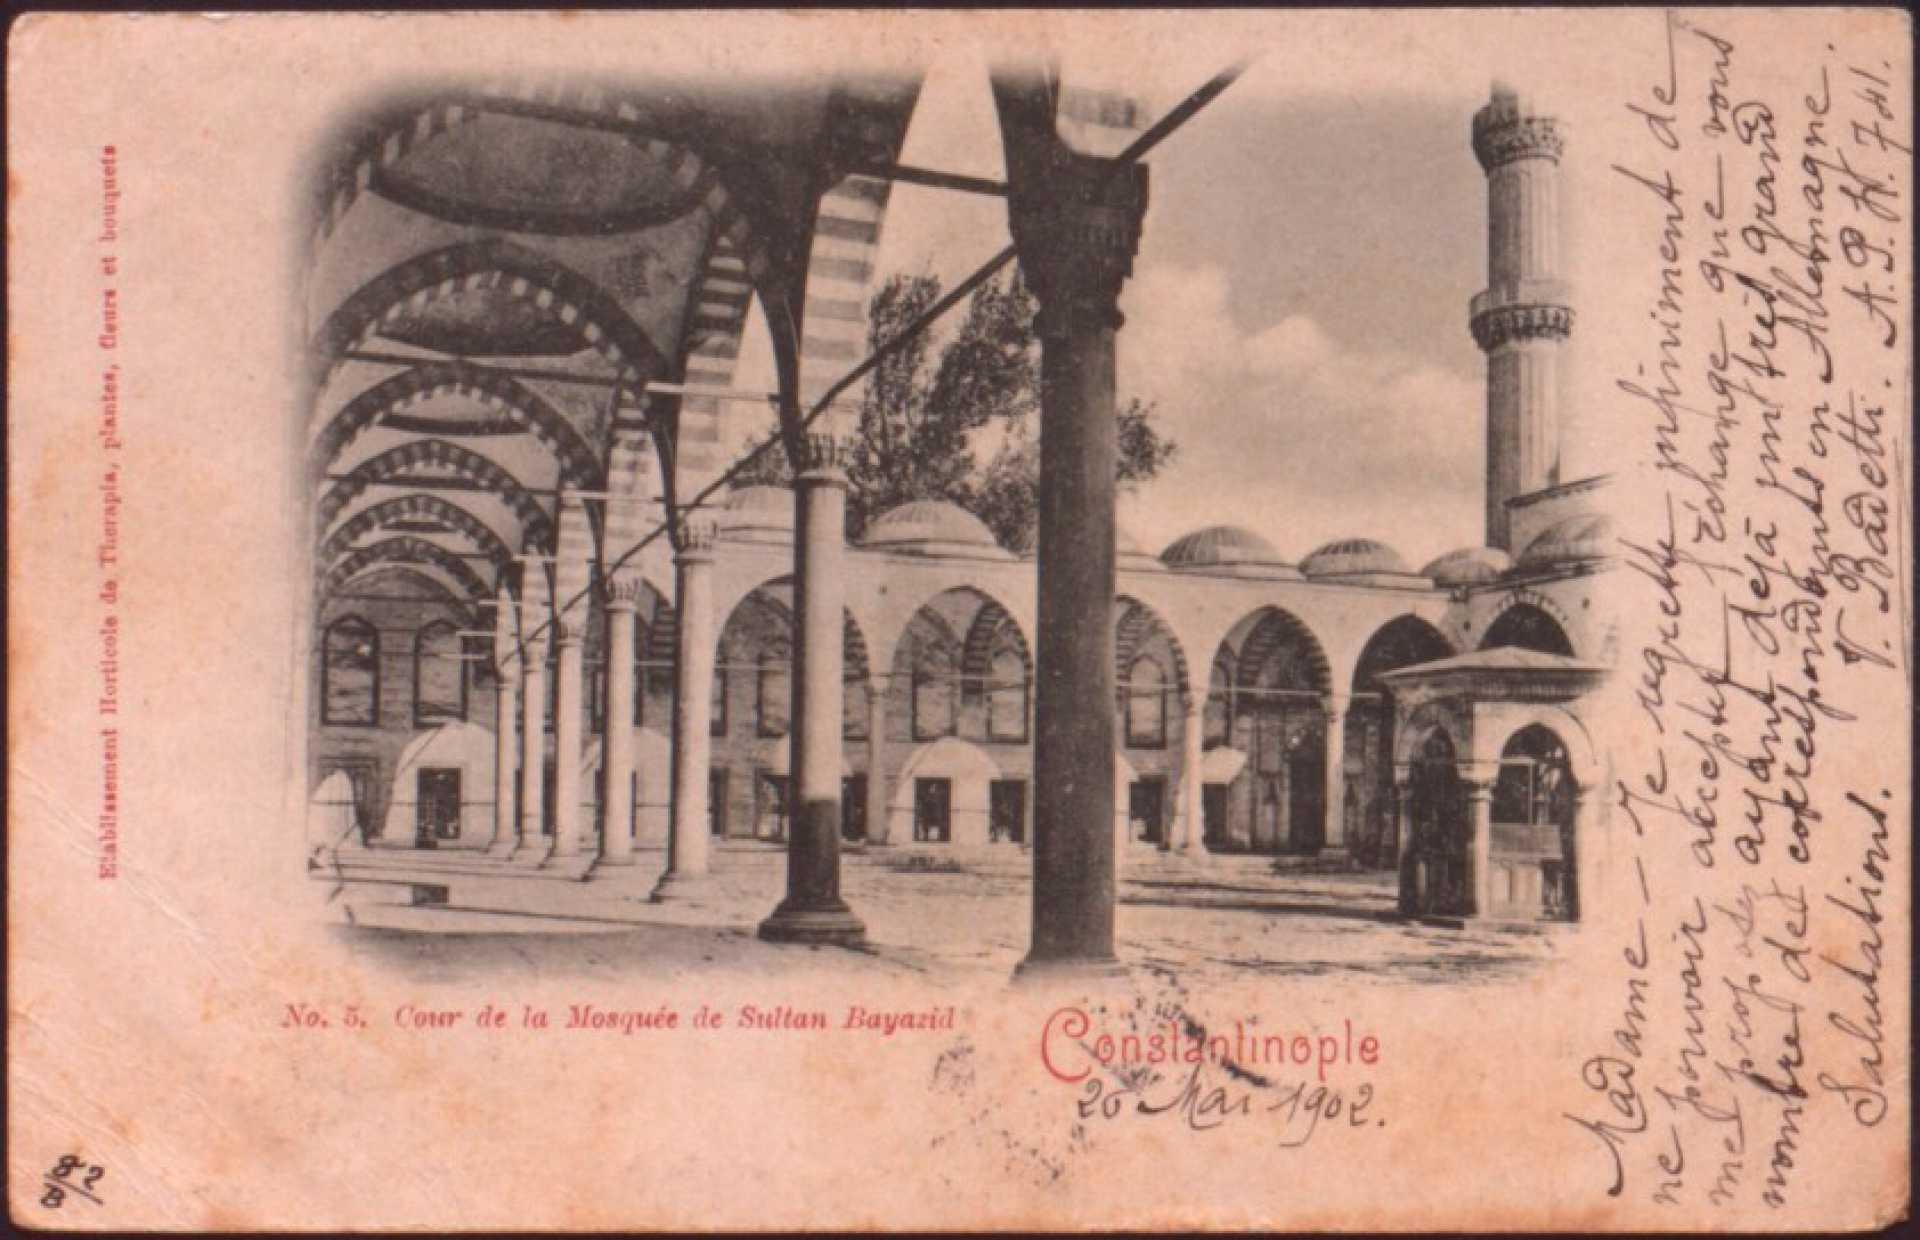 Cour de la Mosquee de Sultan Beyazid